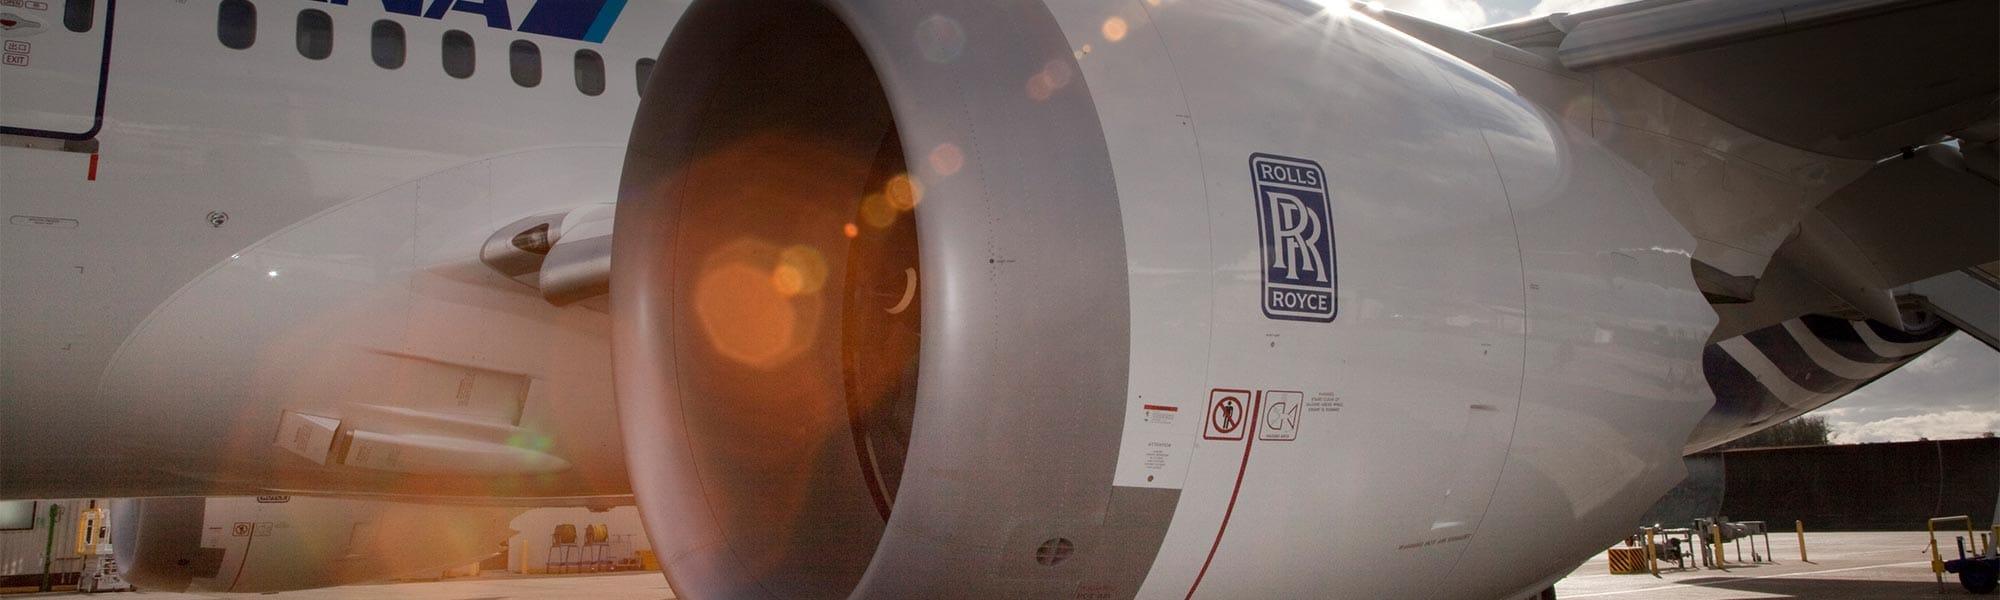 Trent 1000 Rolls Royce Jetenginediagram Image Jet Engine Diagram Download Watch